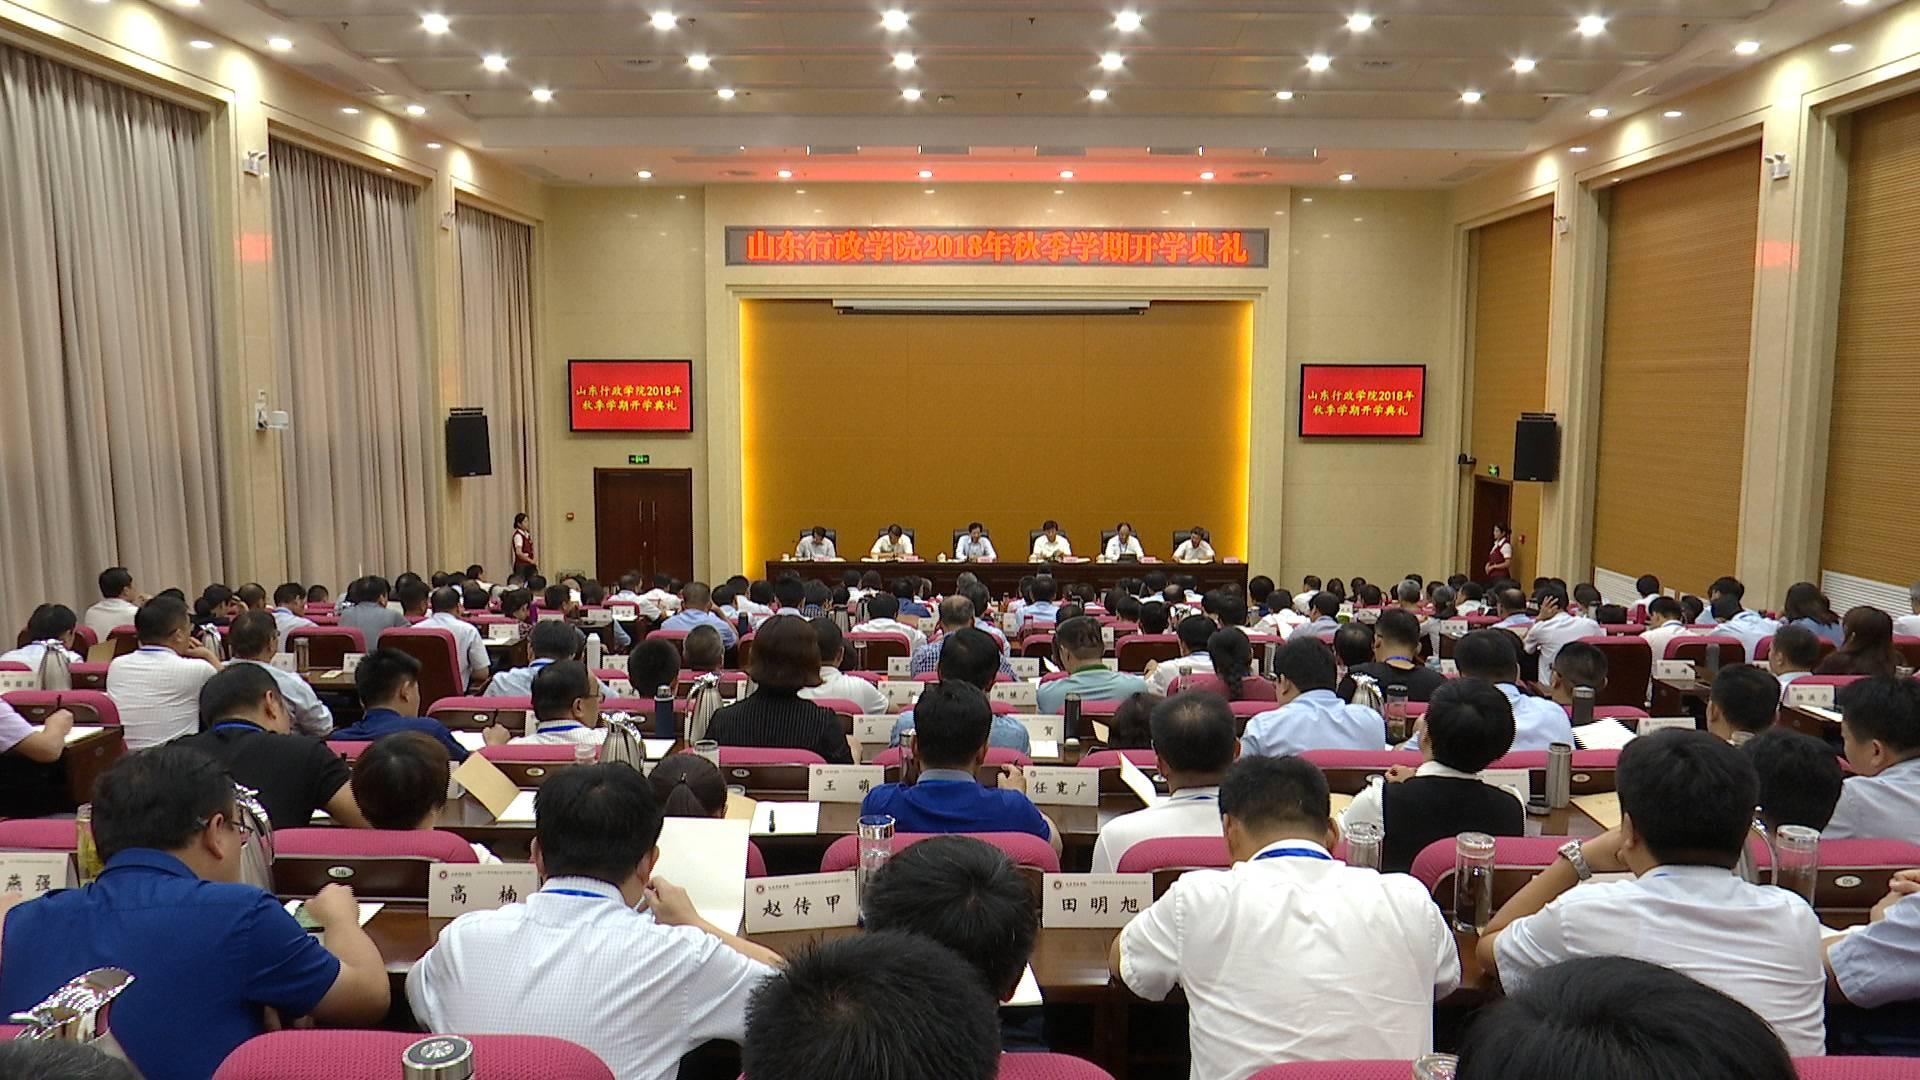 山东行政学院秋季开学典礼在济南举行